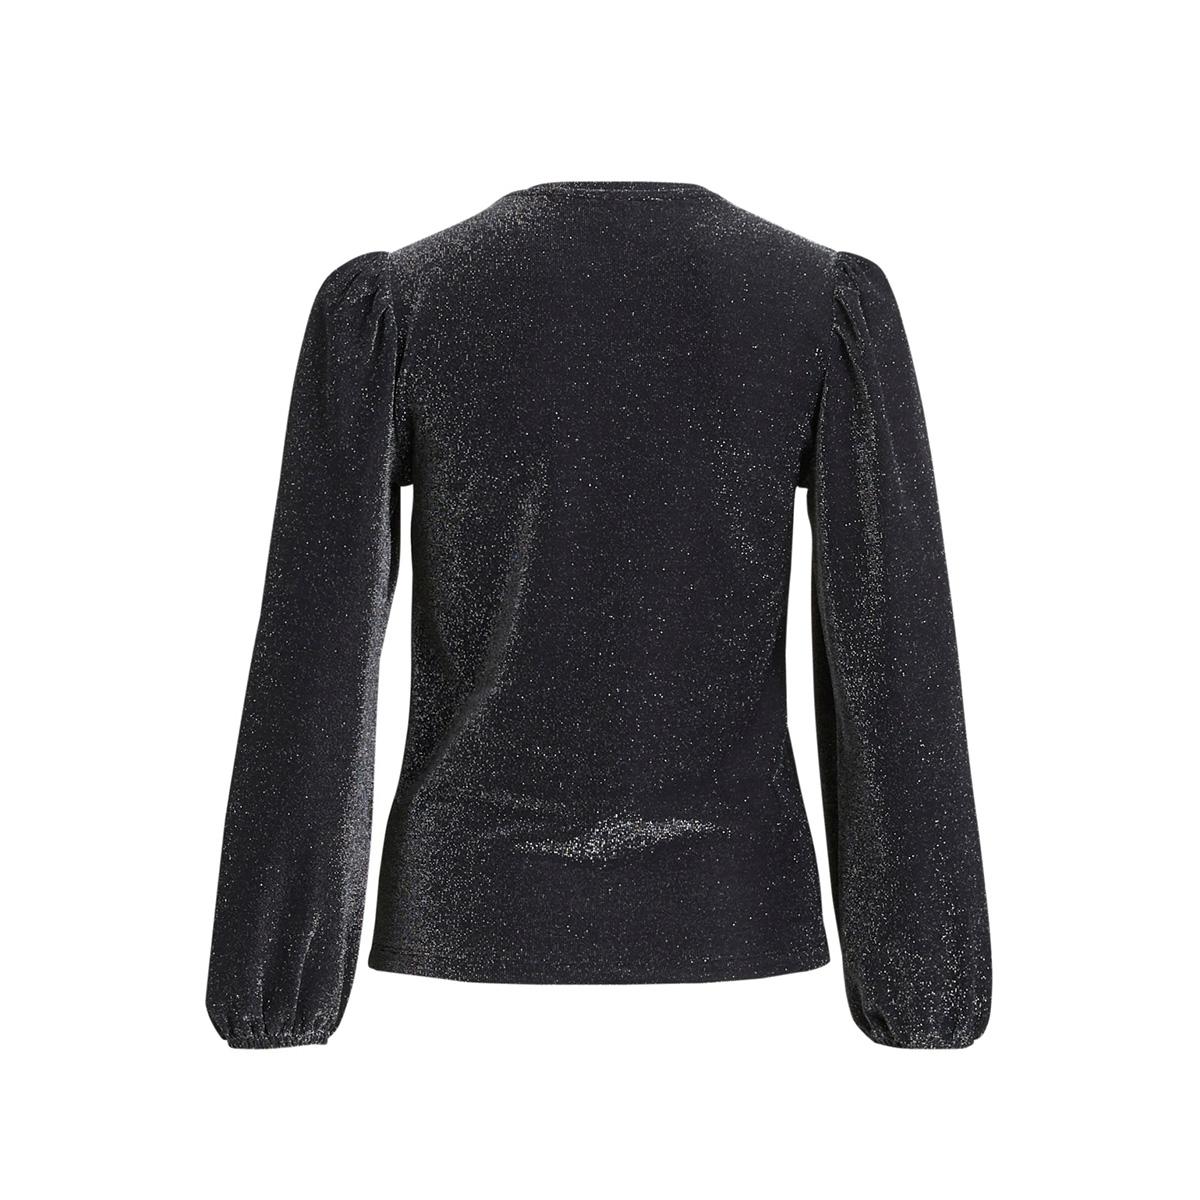 vikello l/s glitter top /rx 14059044 vila t-shirt black/glitter silver